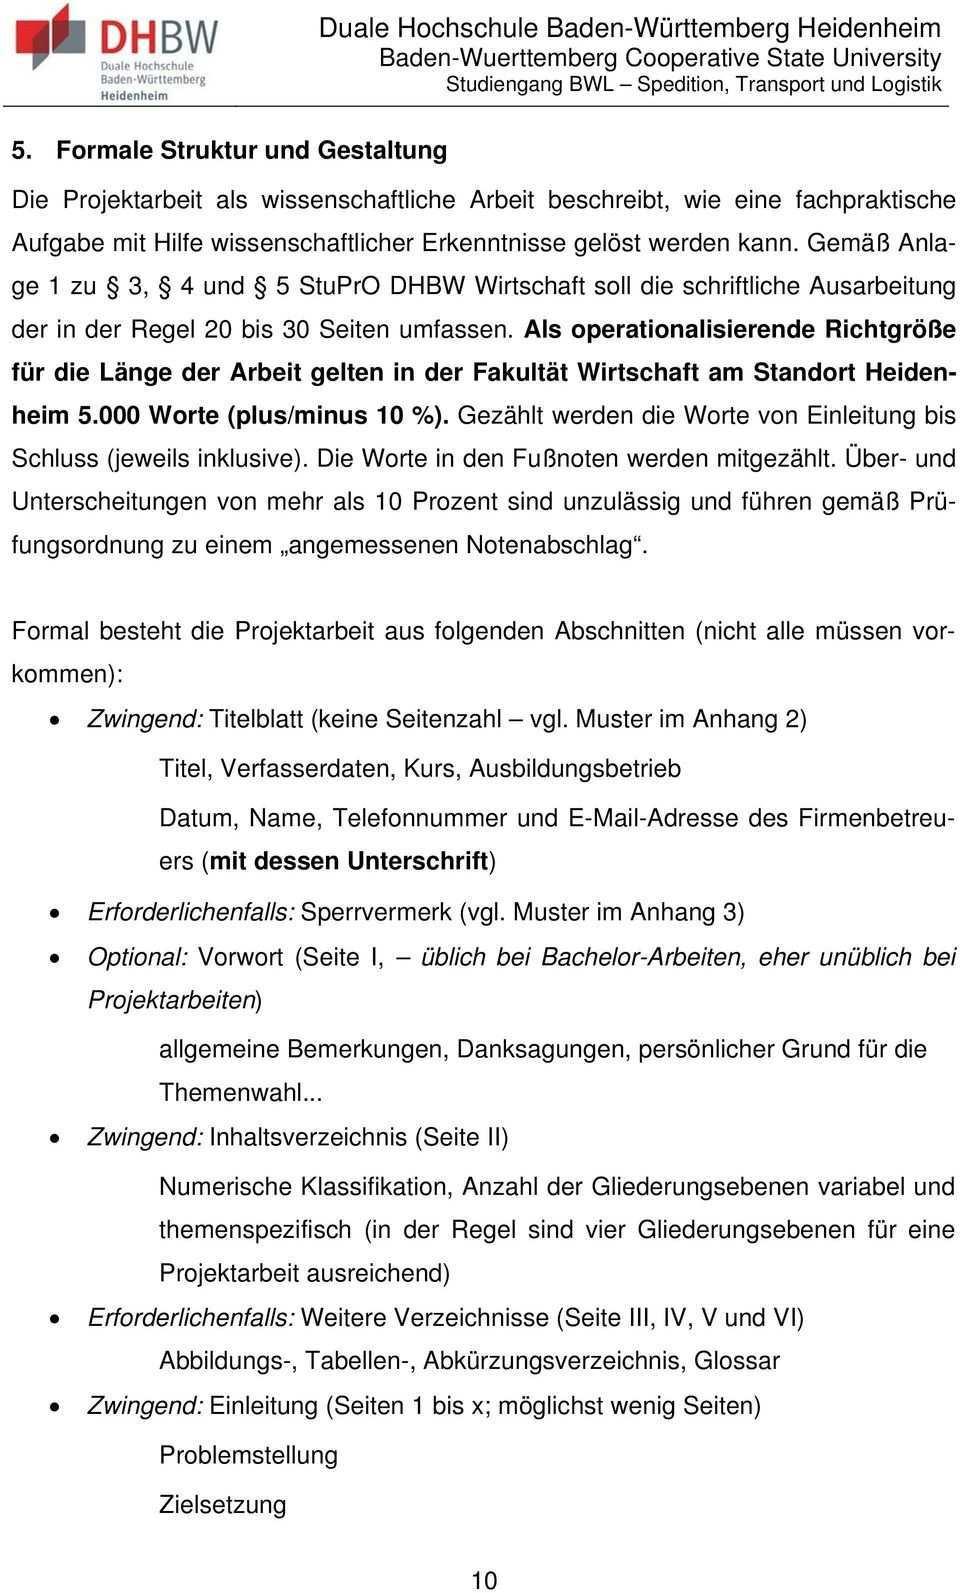 Richtlinien Zur Anfertigung Von Projektarbeiten Pdf Free Download